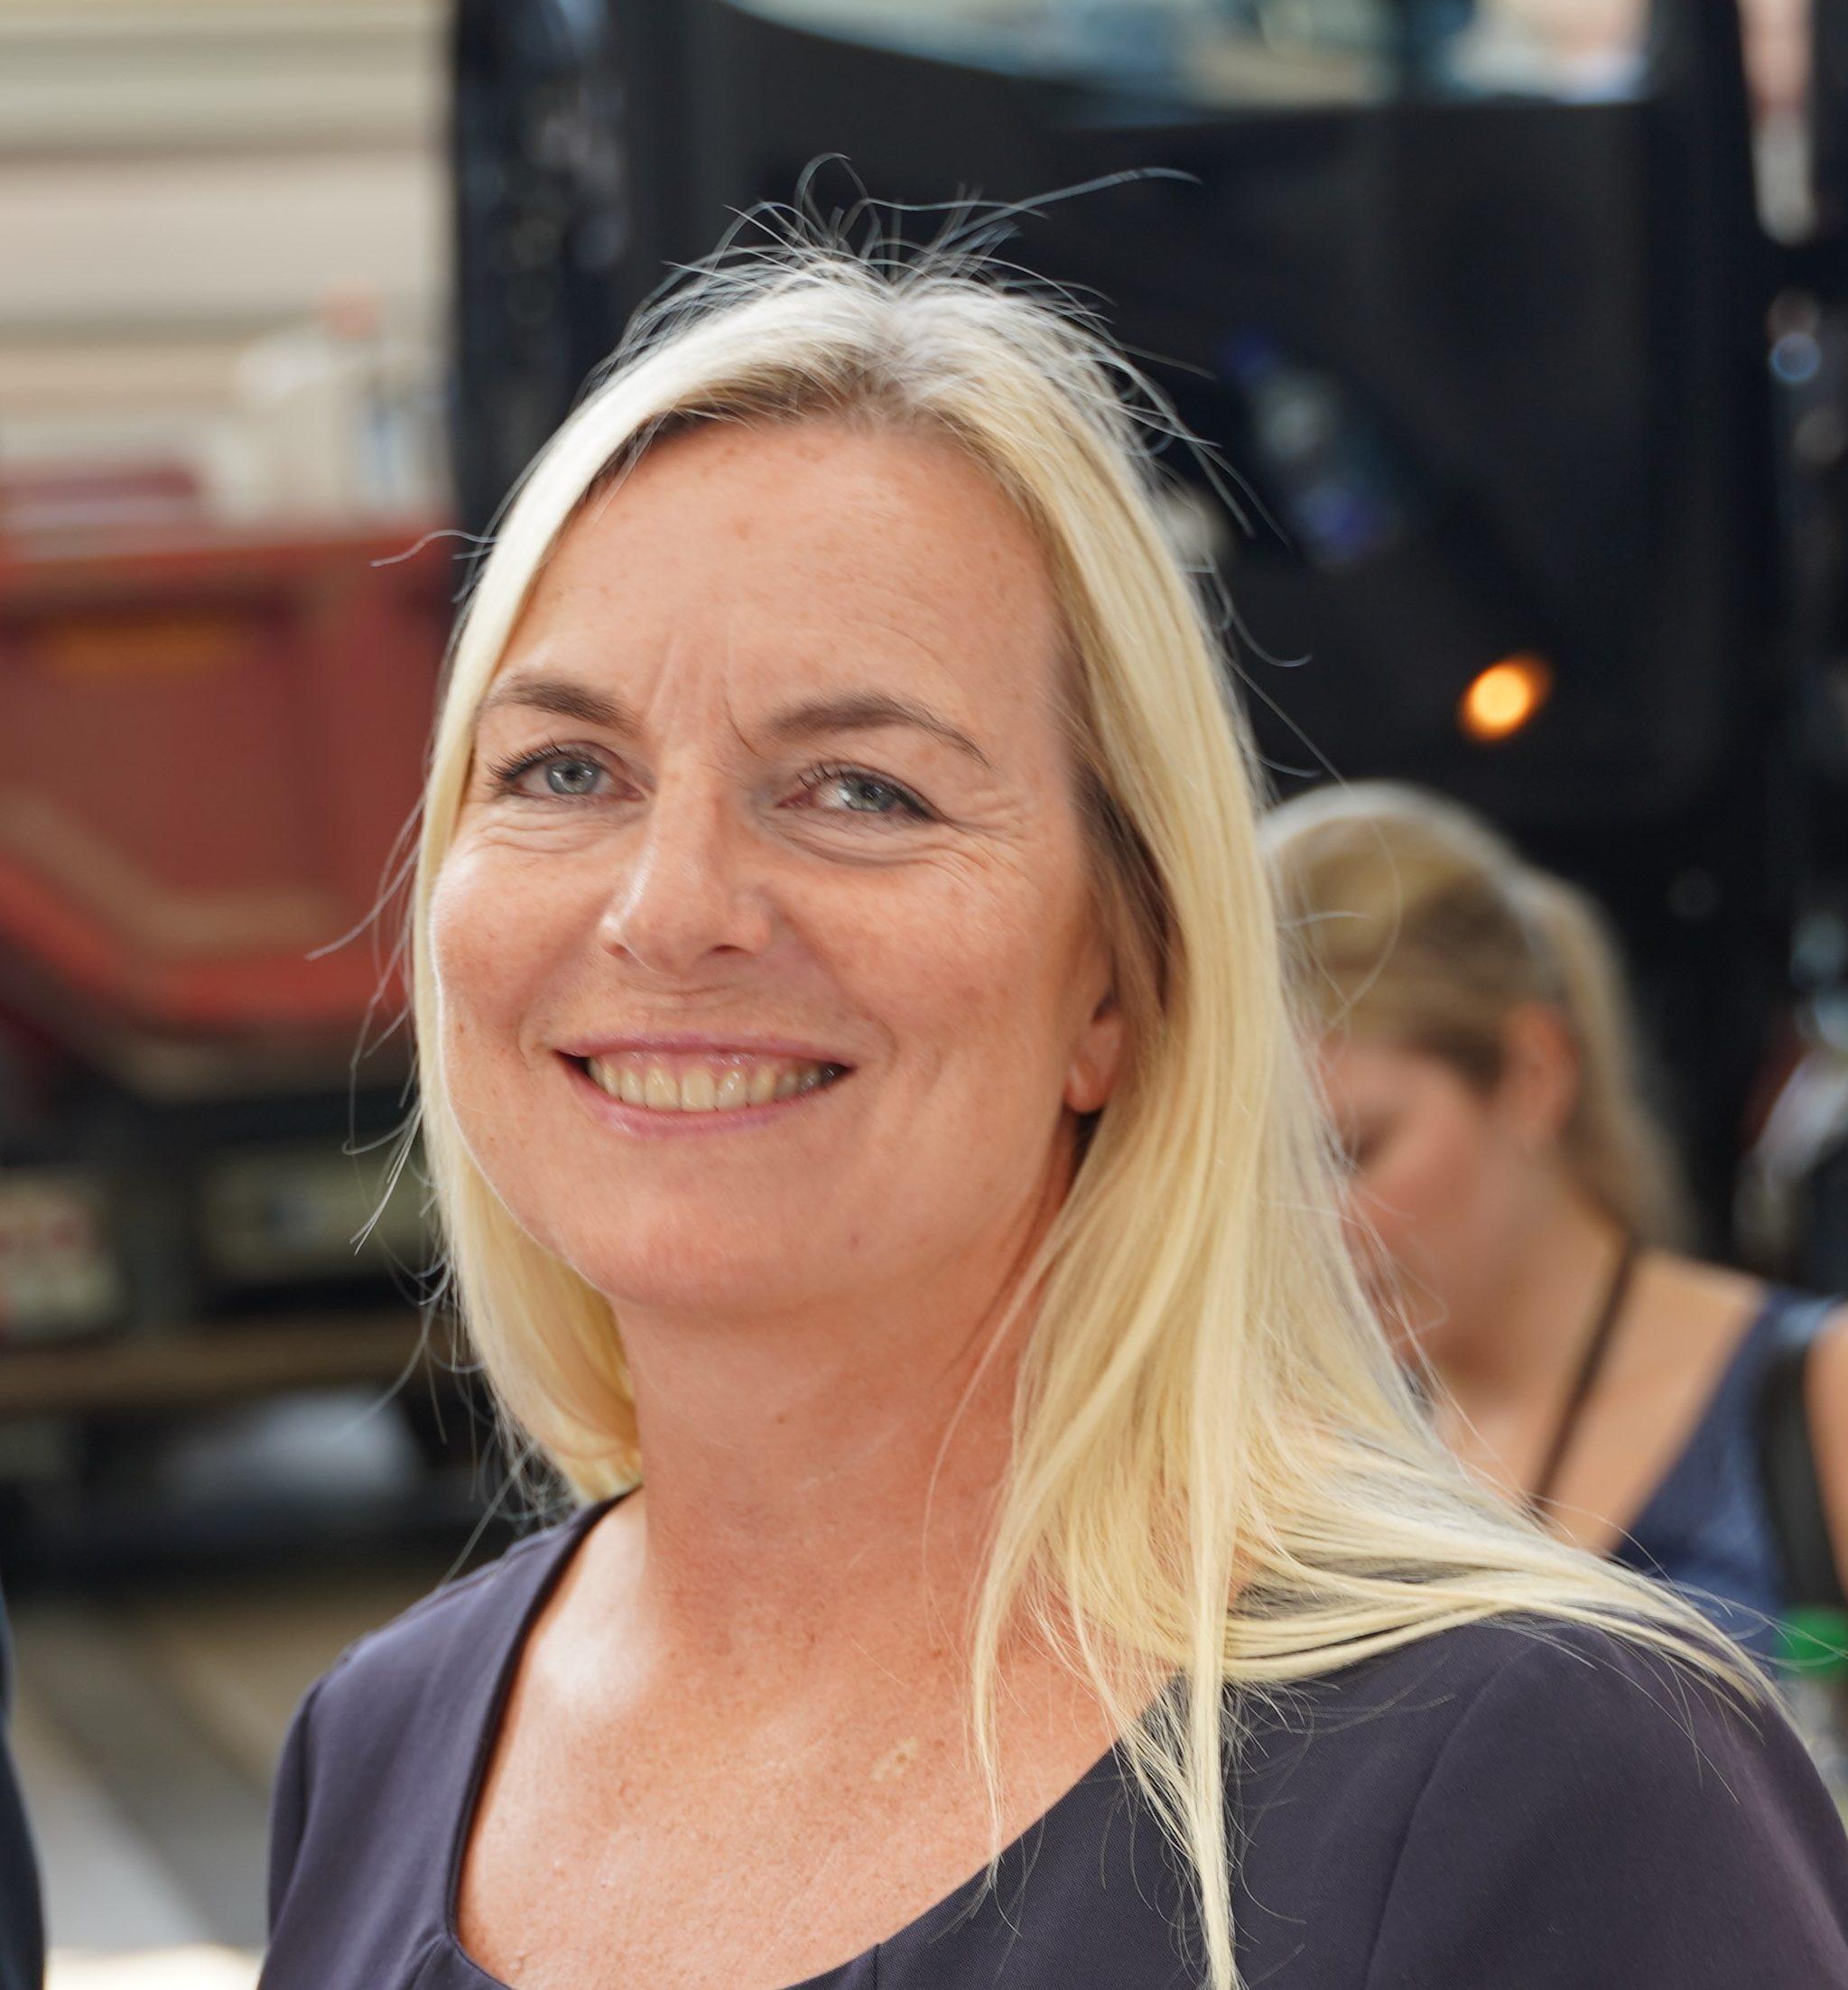 Profilbilde av Gunhild Melhuus Birkemoe